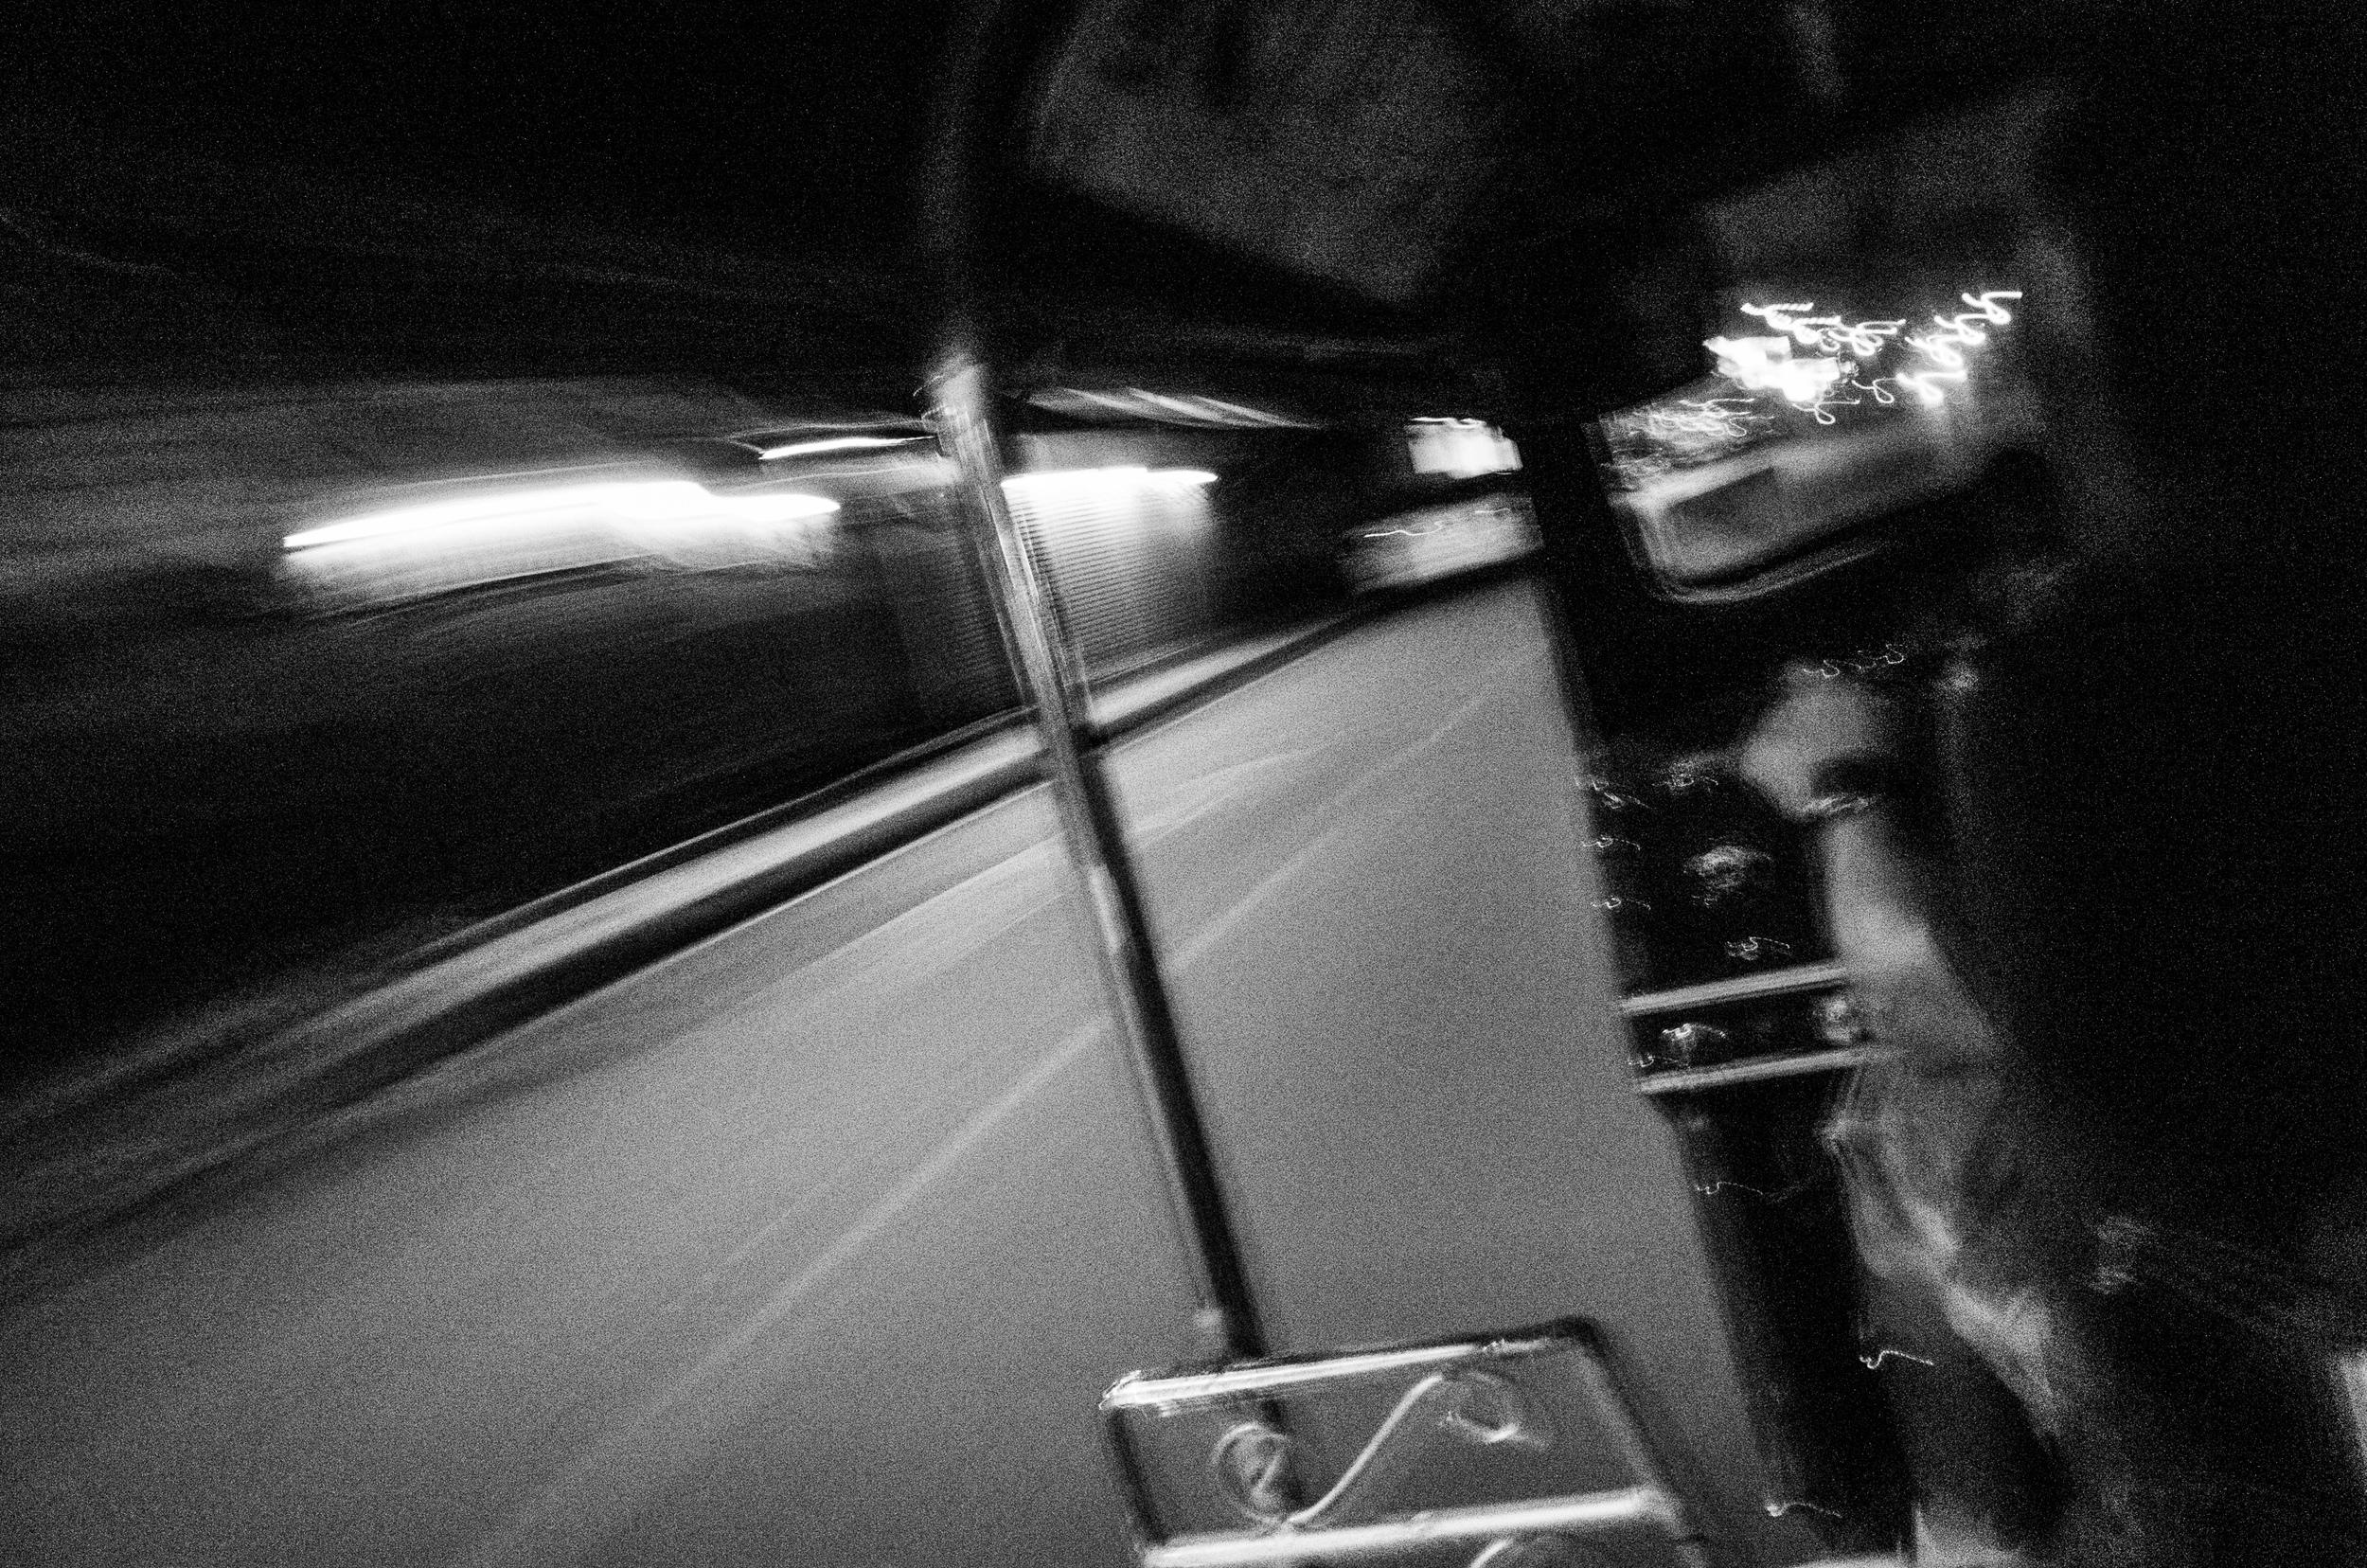 tuk-tuk-night-ride-02.jpg